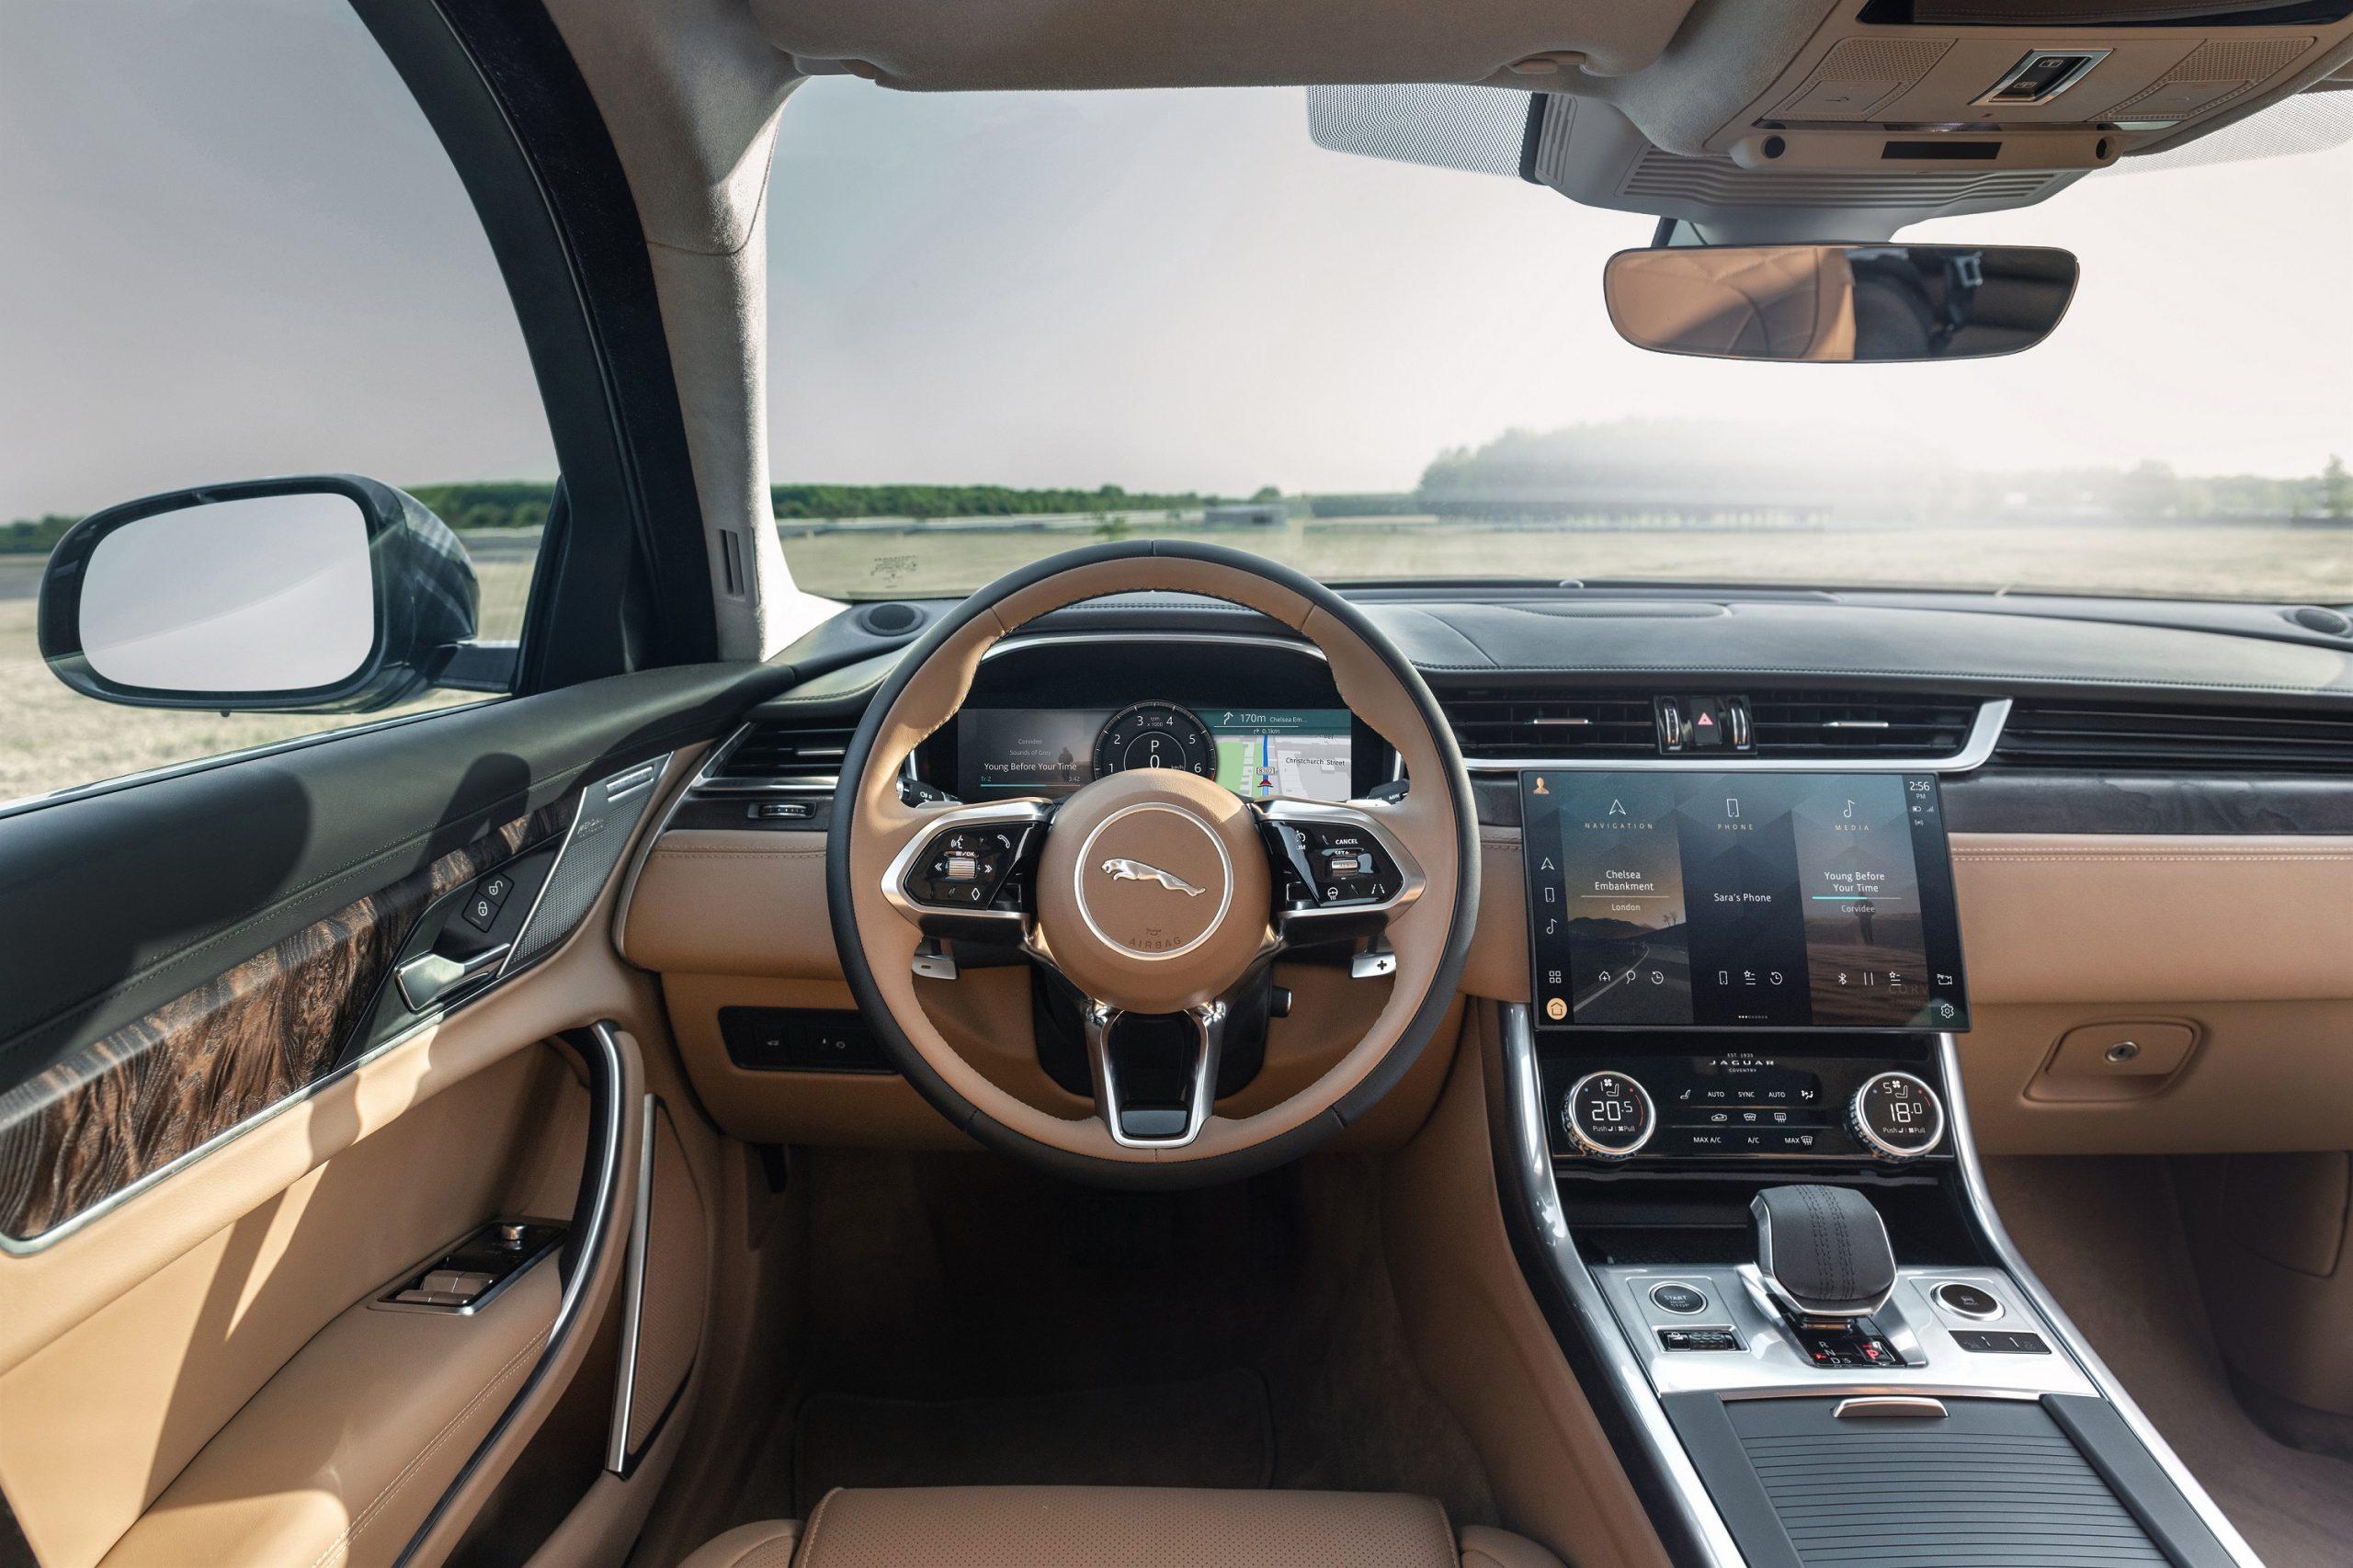 Auto Stahl der neue Jaguar XF Innenansicht